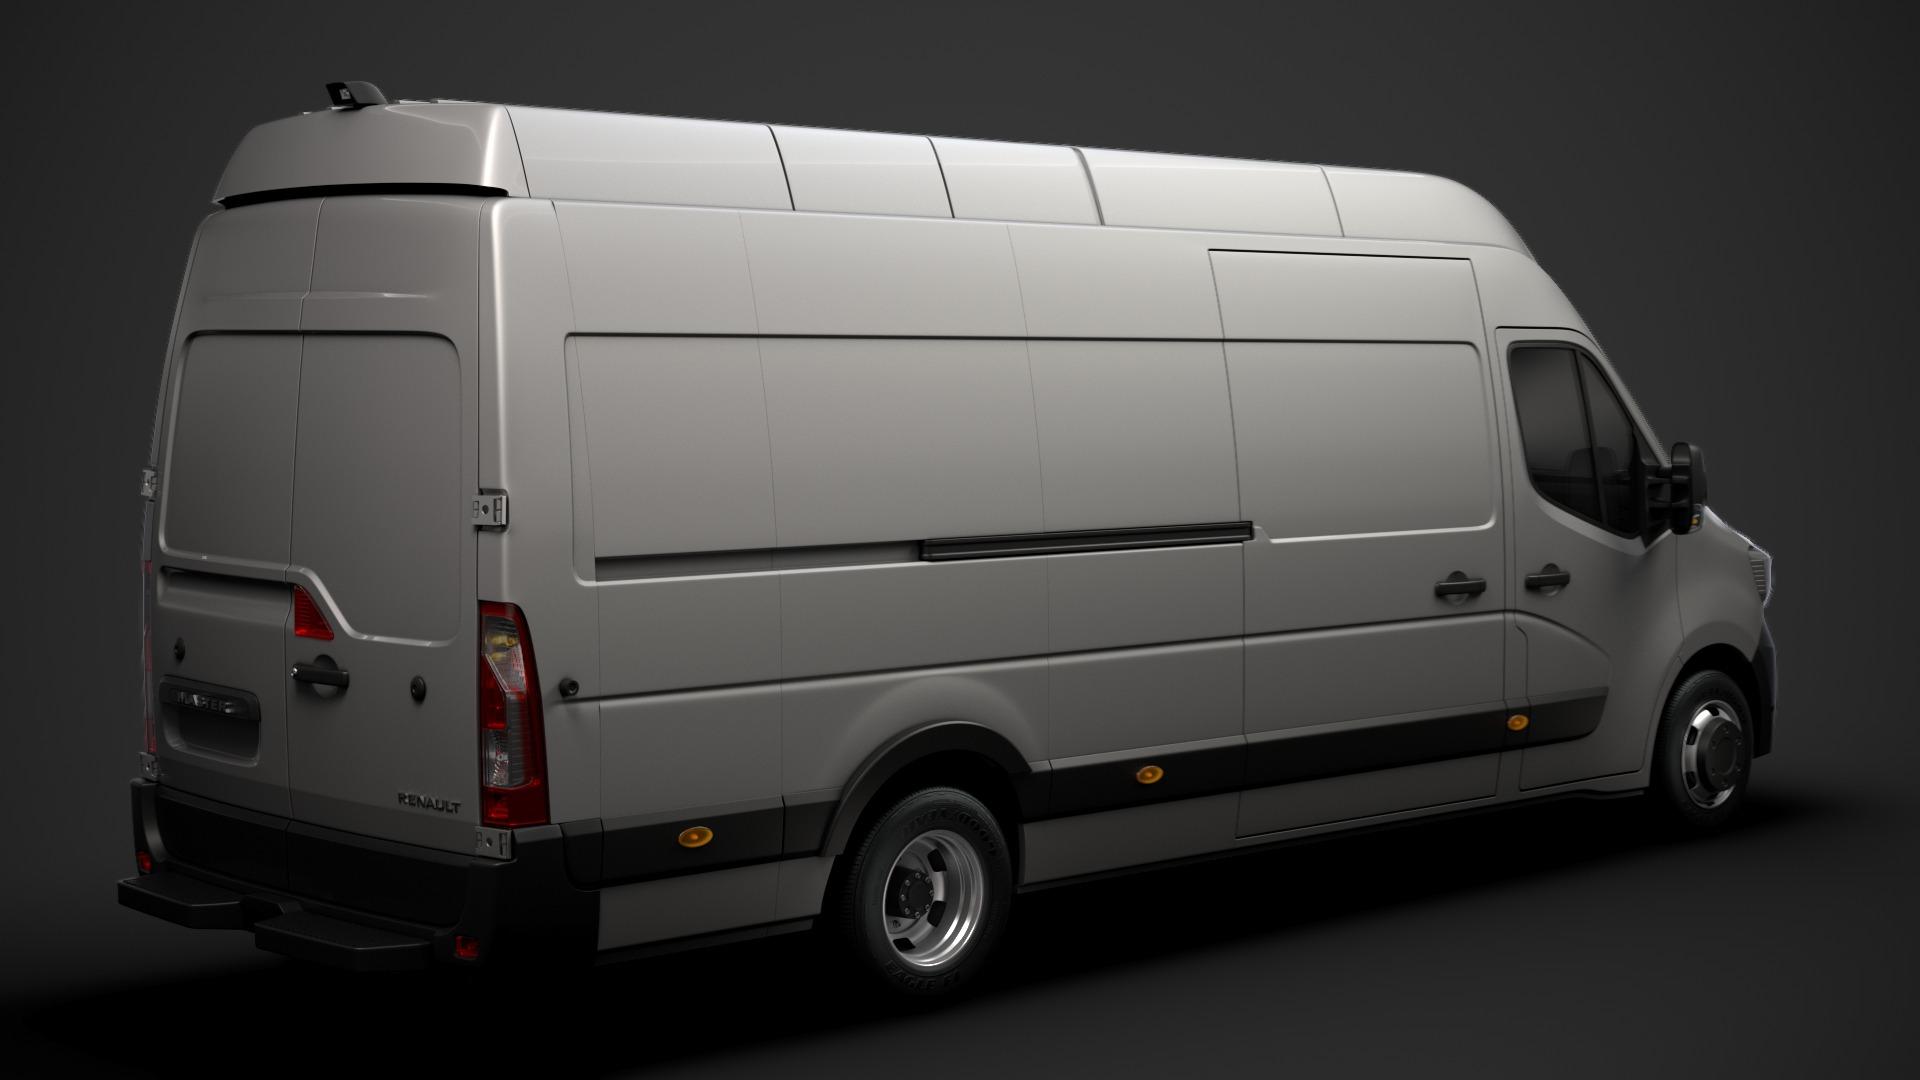 Location d'un utilitaire fourgon maxi surélevé - Renault Master L4H3 15m3 - Vue2